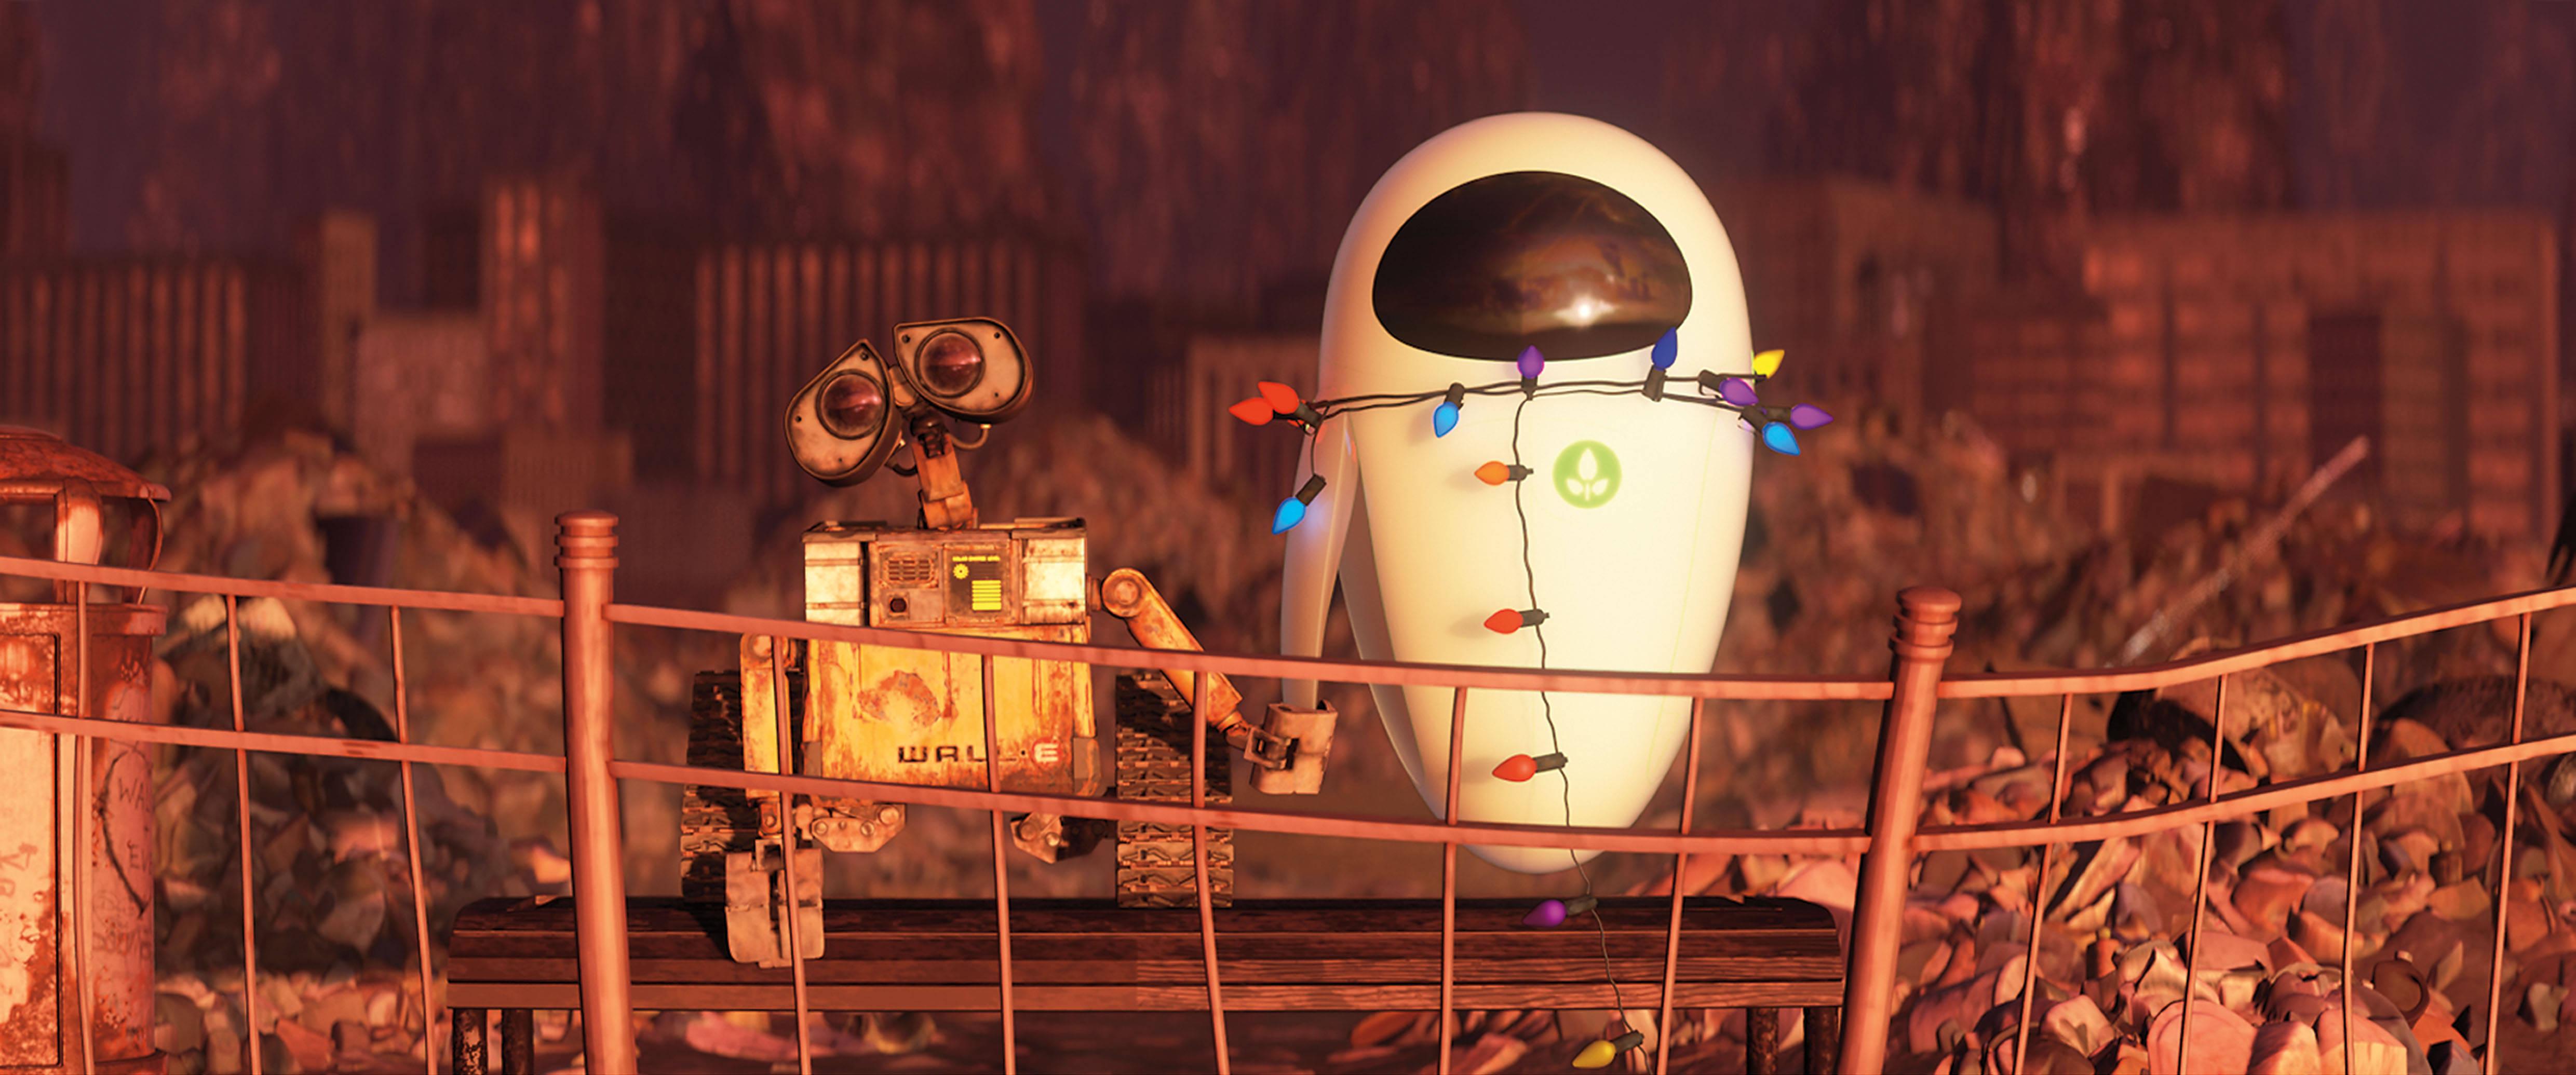 WALL-E-Image-2